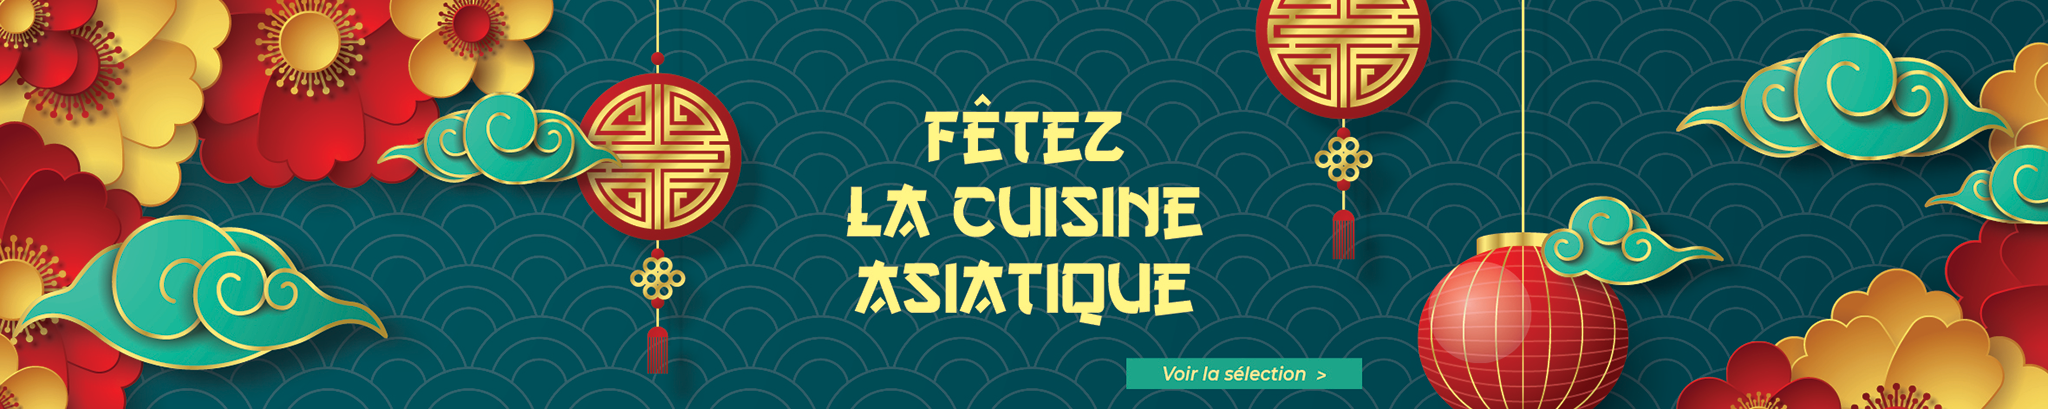 Fêtez la cuisine asiatique